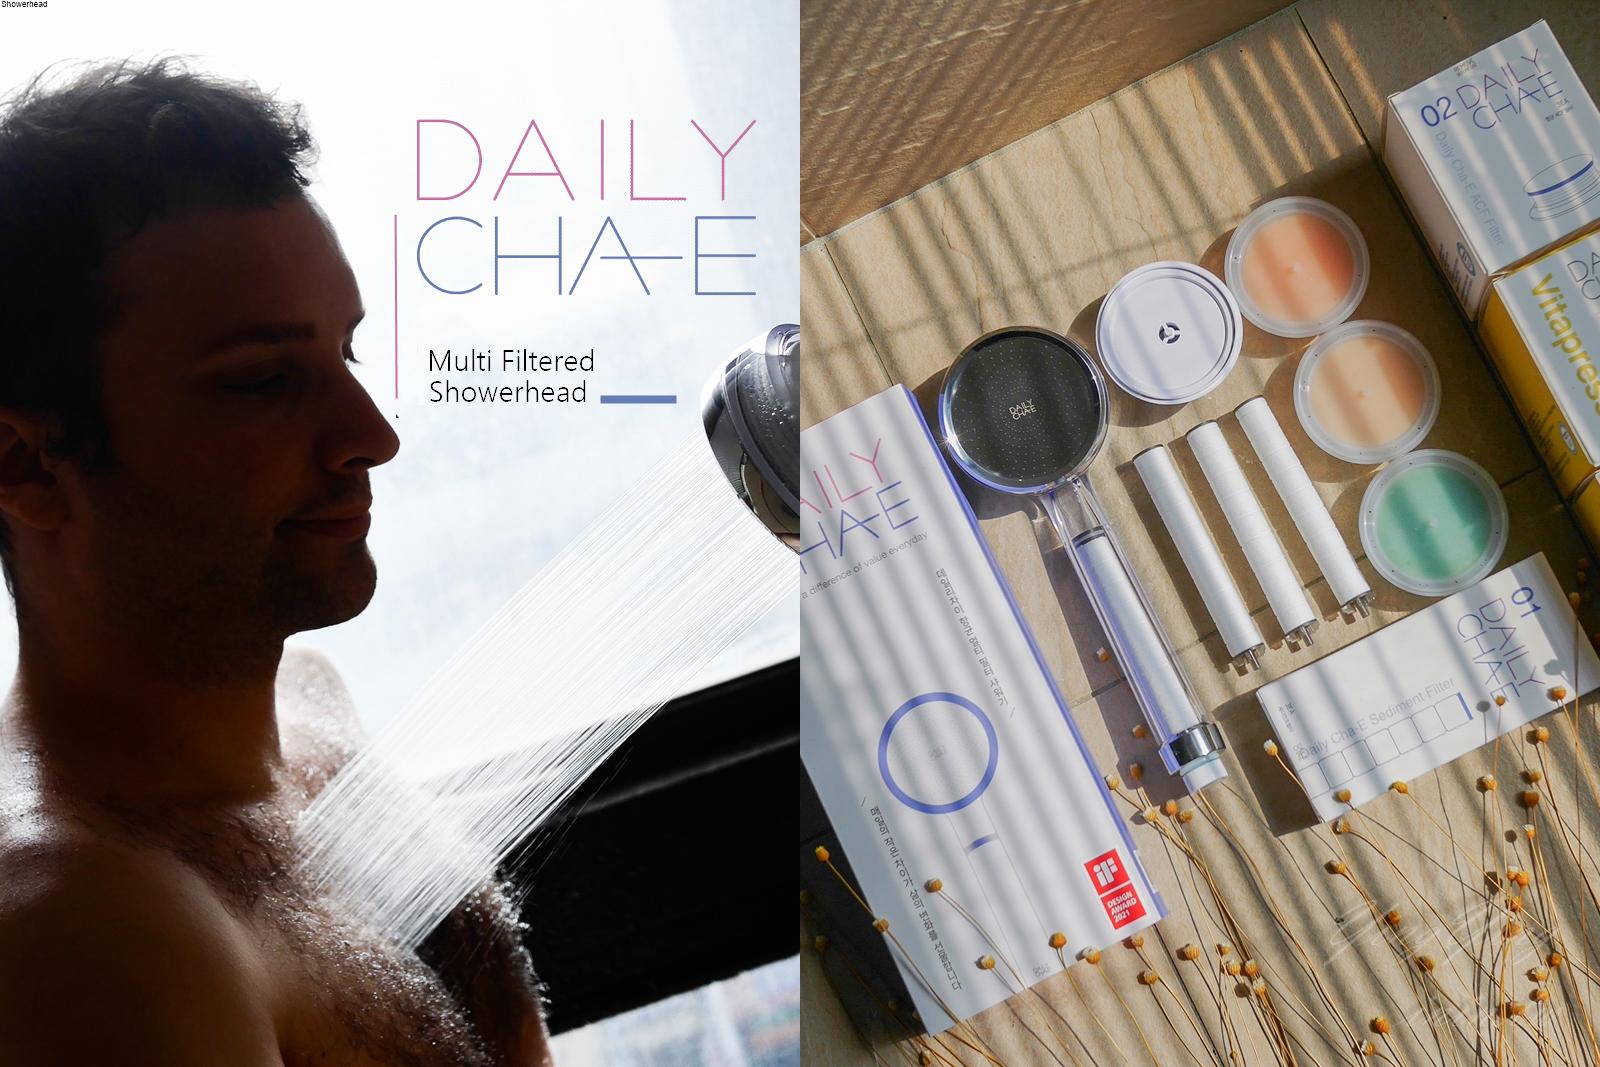 韓國DailyCha-E水潔淨抗菌加壓蓮蓬頭~真正的洗香香!(抗菌.增加水壓.可換香氛濾芯)